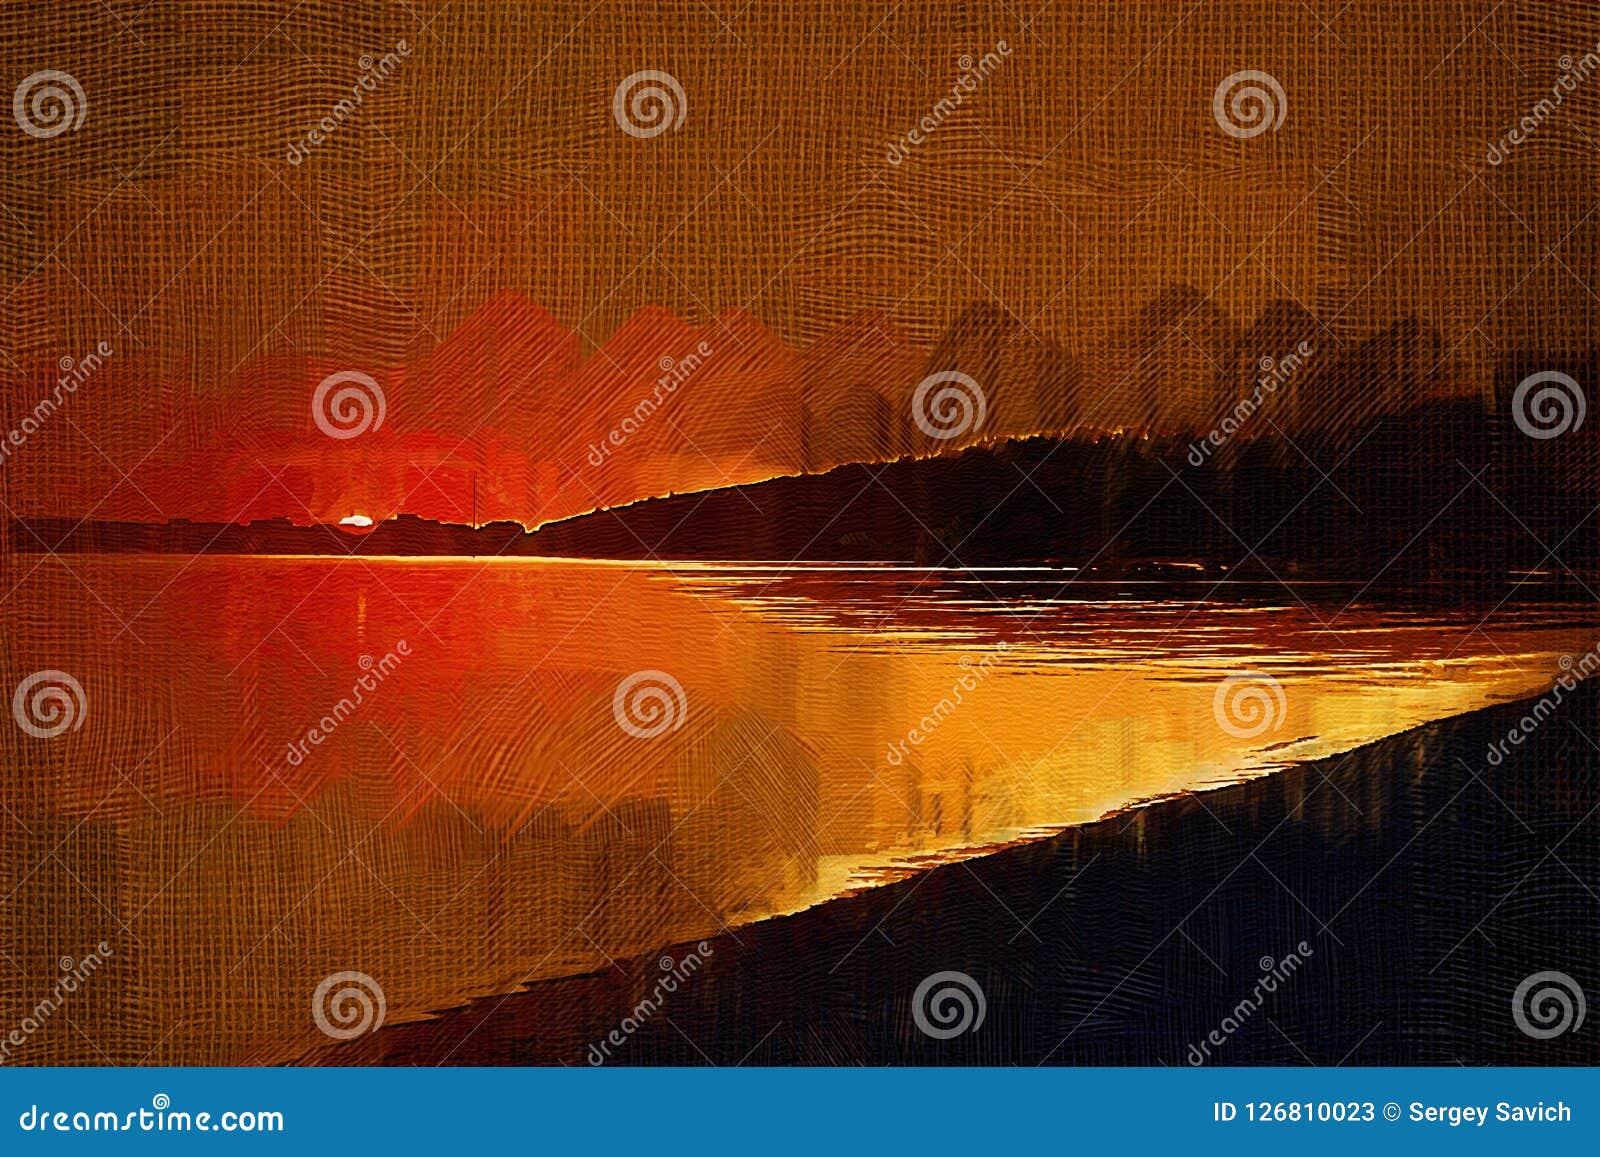 Ζωγραφική με το ηλιοβασίλεμα επίδρασης πετρελαίου στον κόλπο